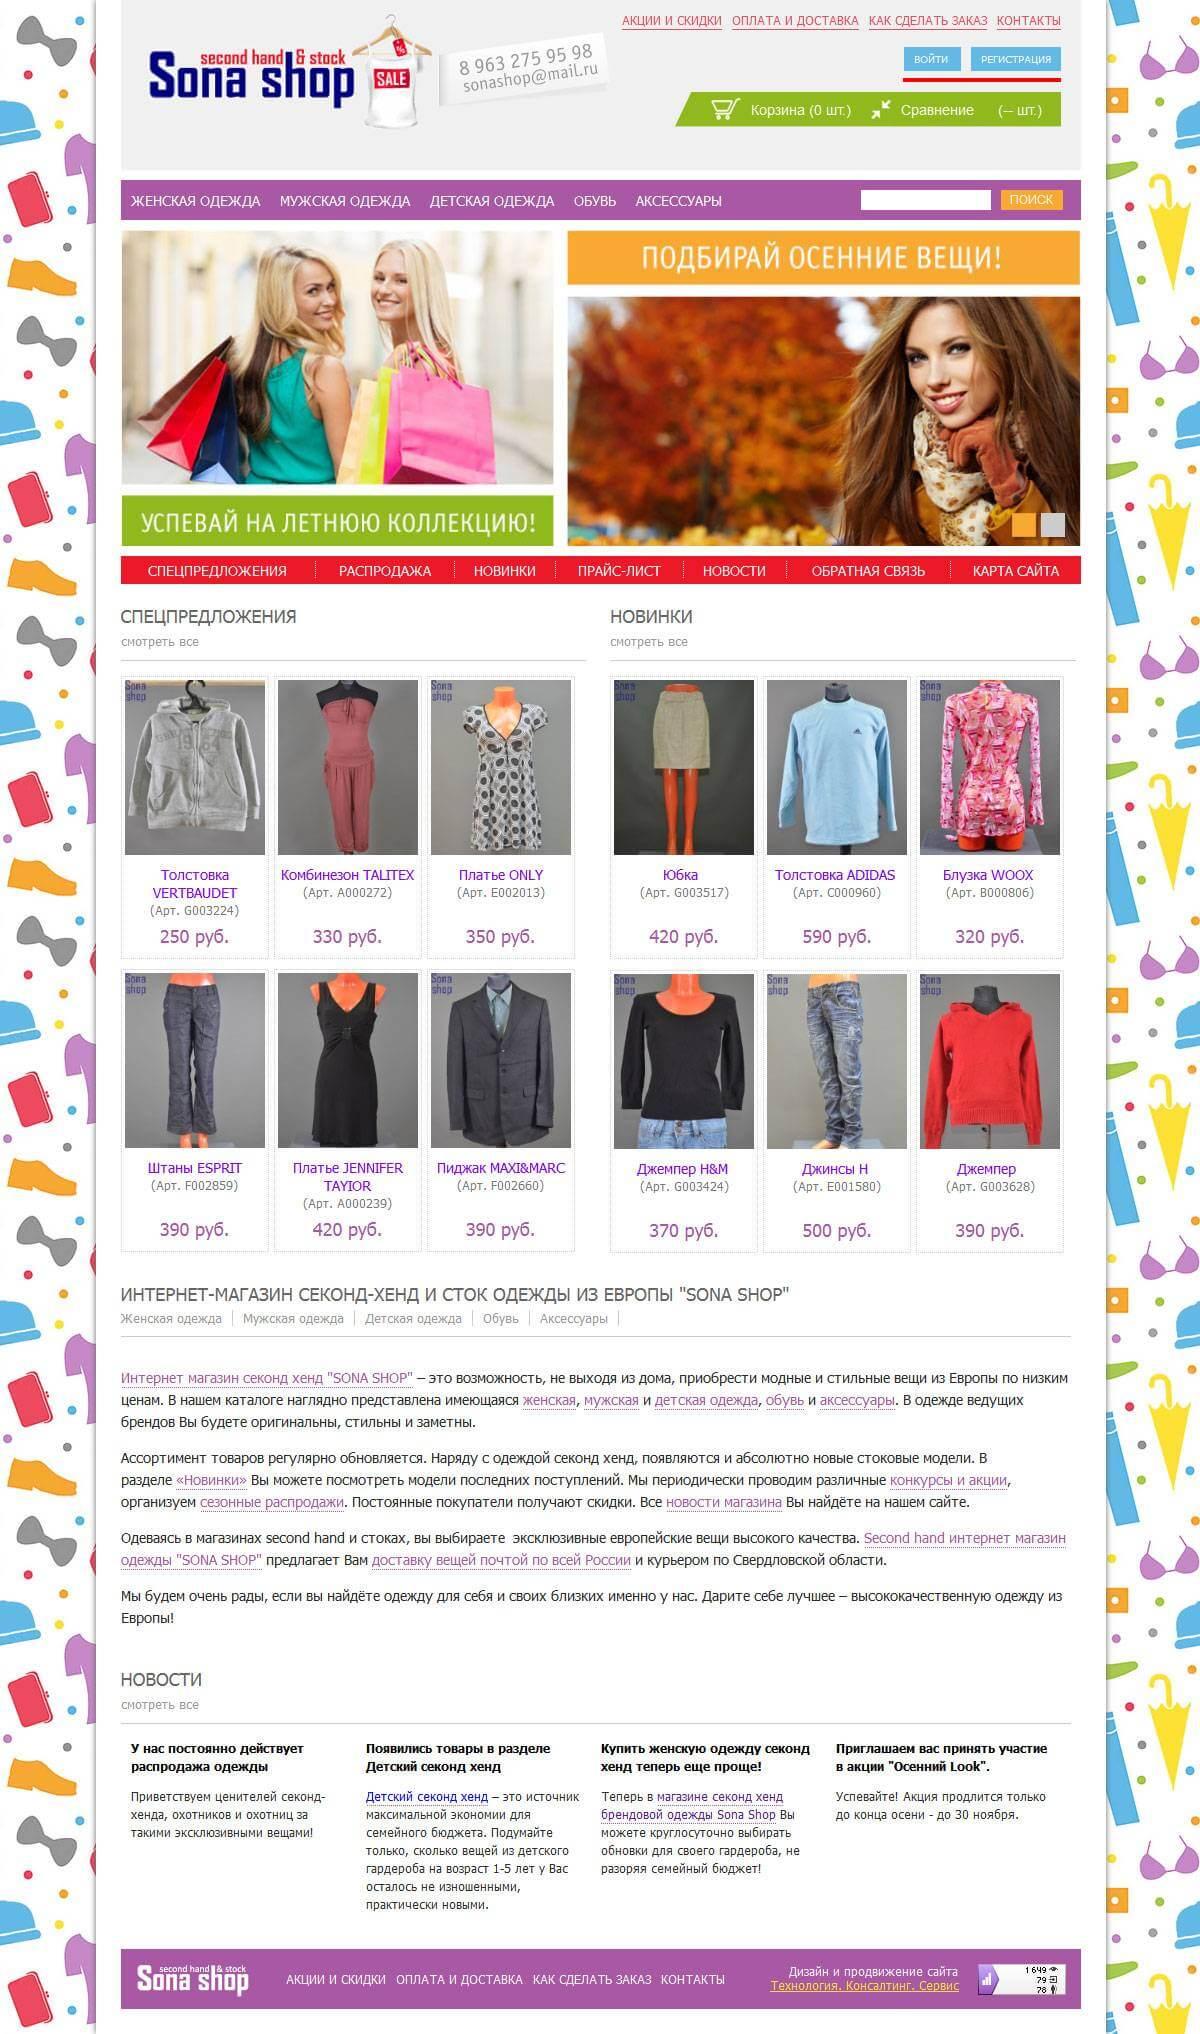 3aa065649 Интернет-магазин секонд хенд и сток